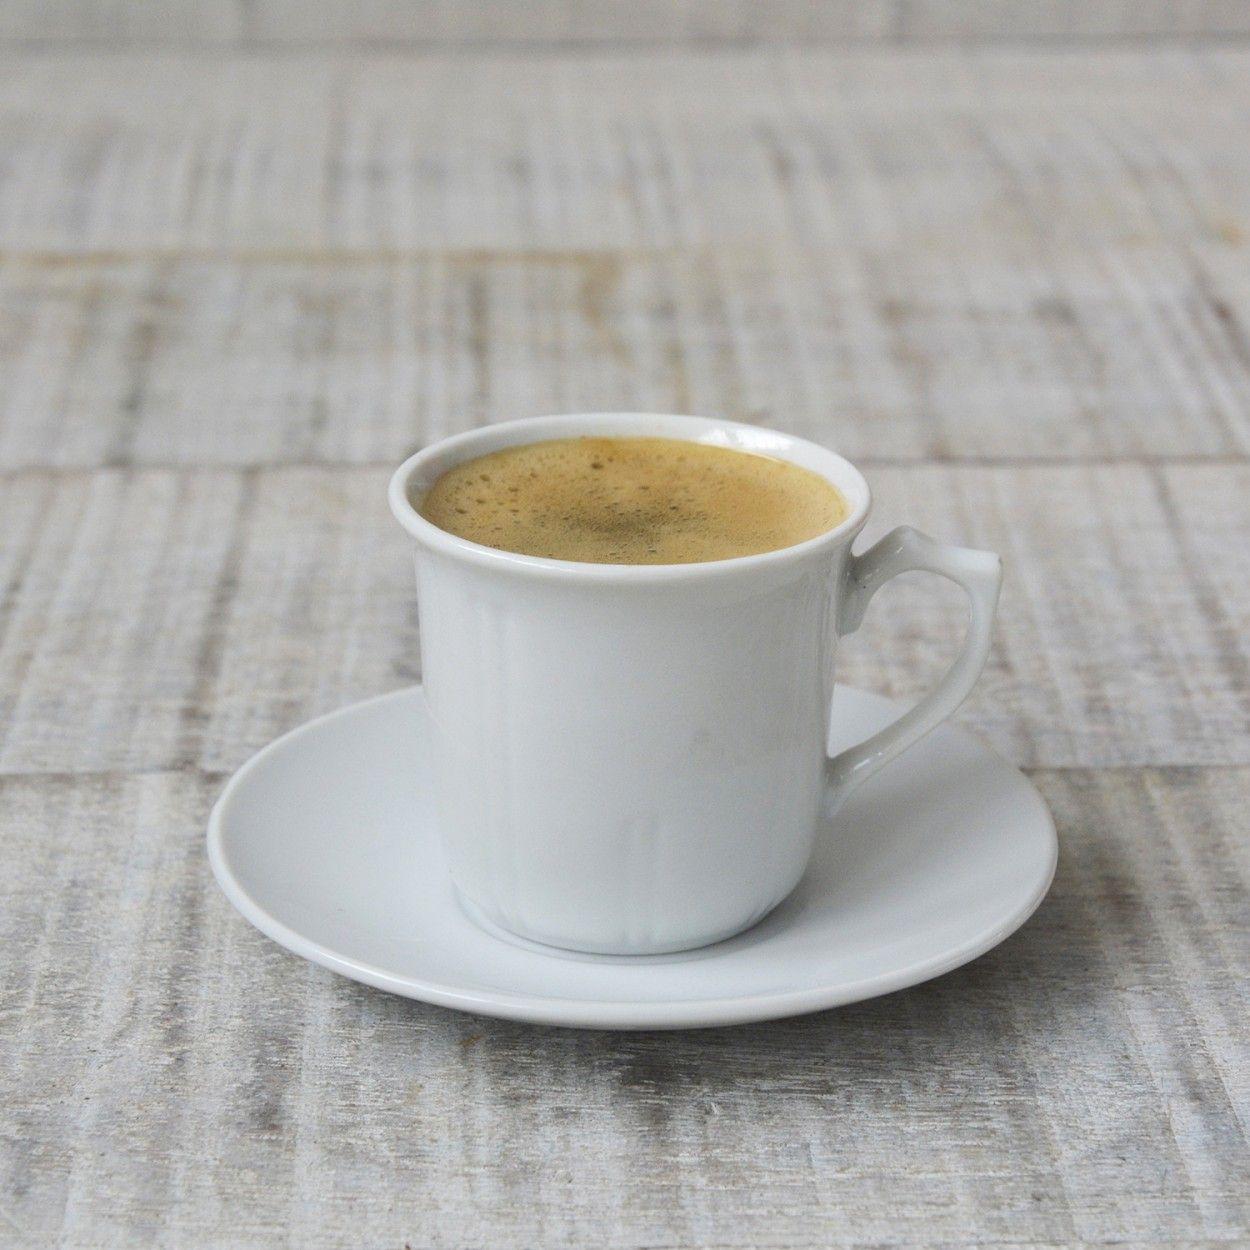 Juego de caf barista atenea cl sico 6 tazas y 6 platos 70cc cer mica hogar y mas hogar y m s - Platos ceramica colores ...